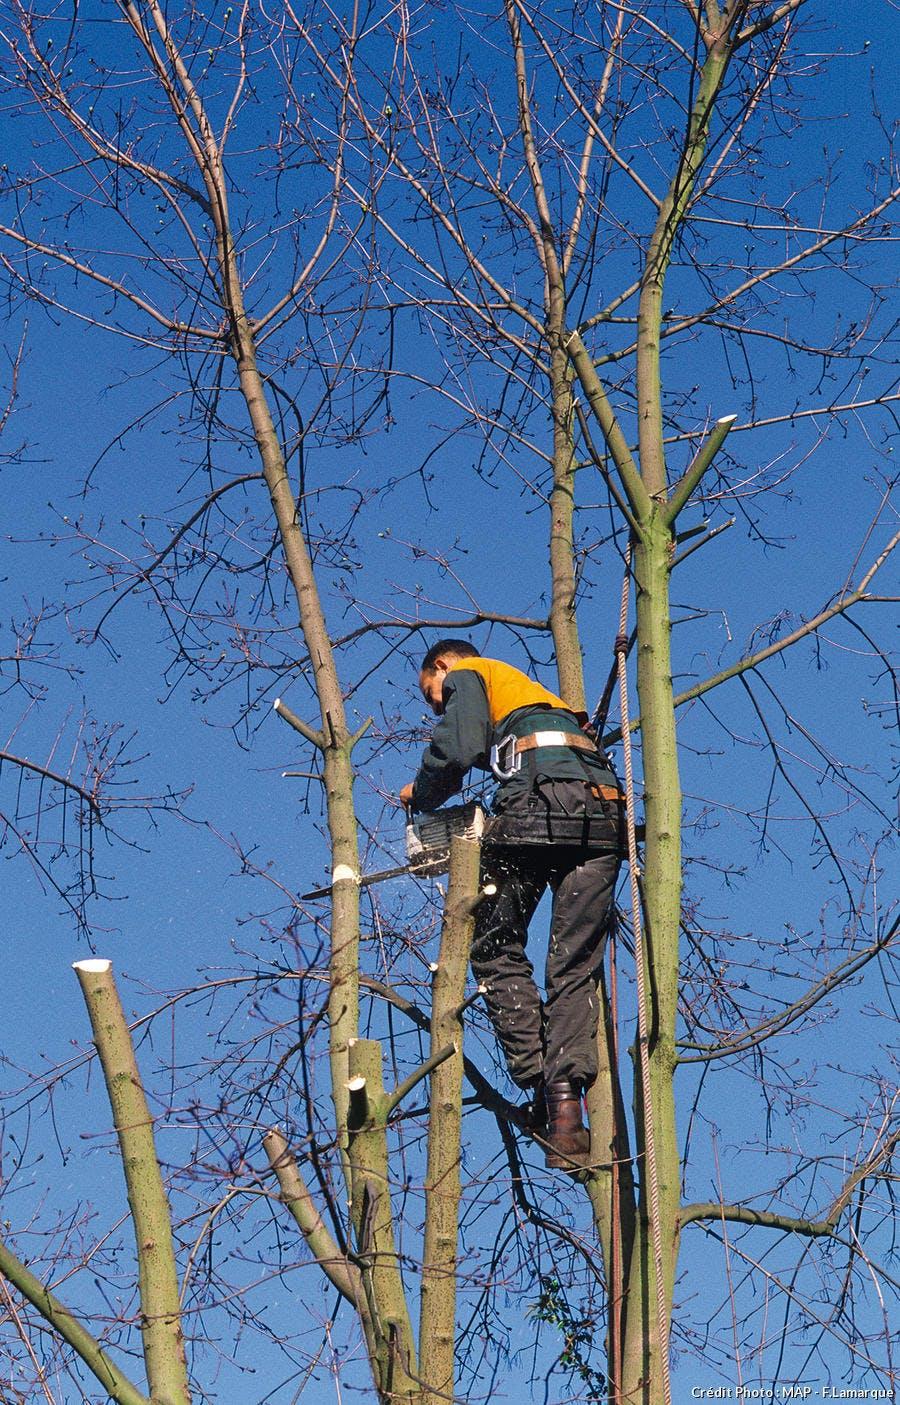 Tailler la tête d'un arbre